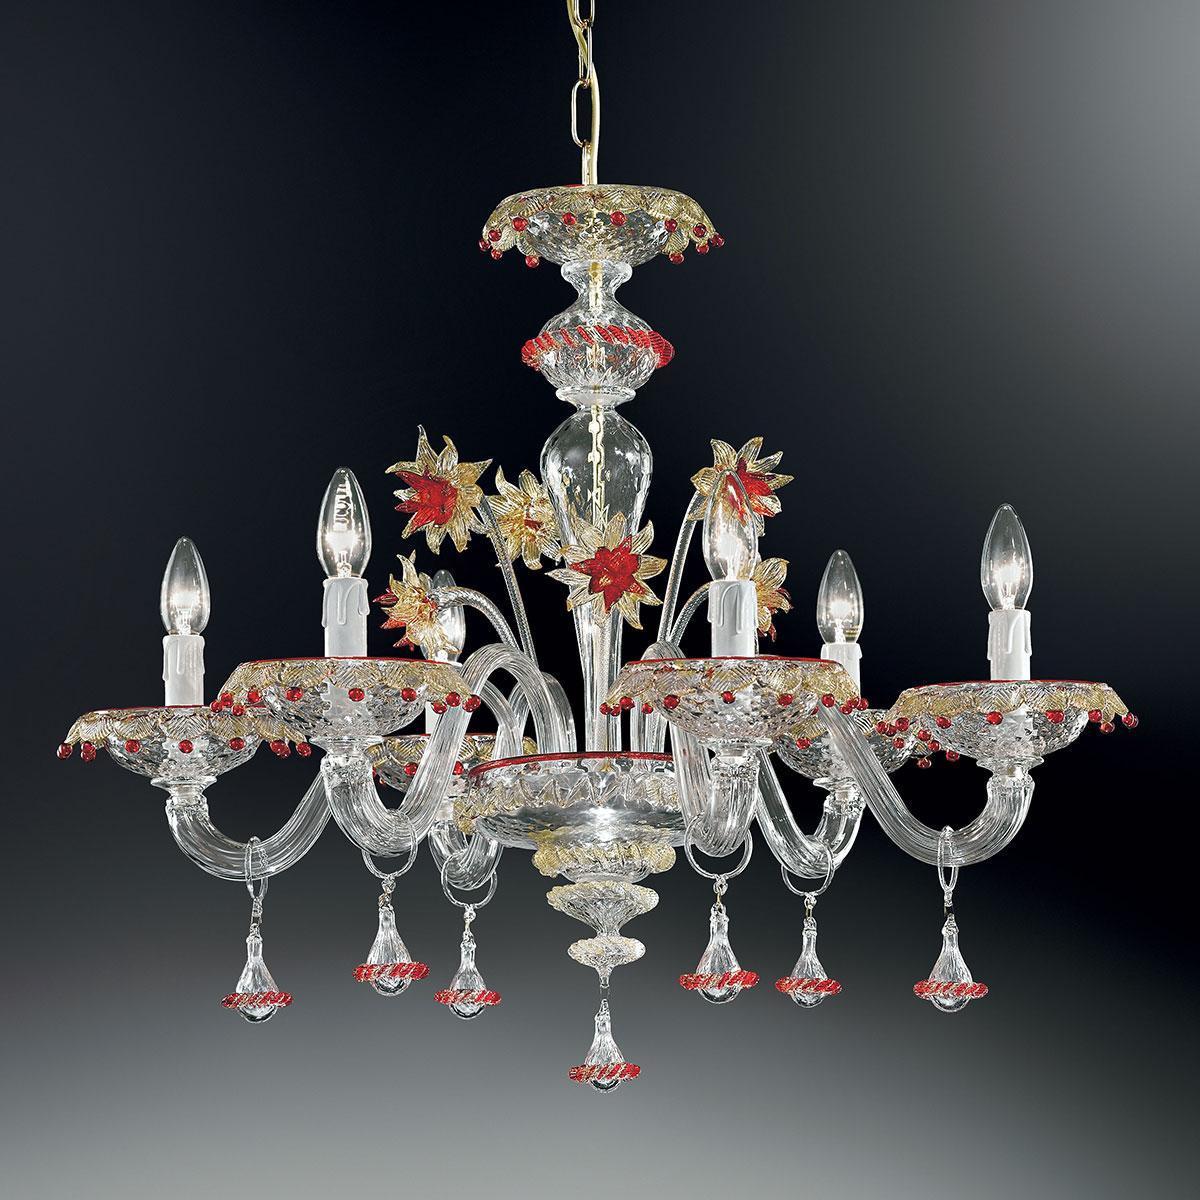 """""""Florenza"""" Murano glas Kronleuchter - 6 flammig - transparent, gold und rot"""